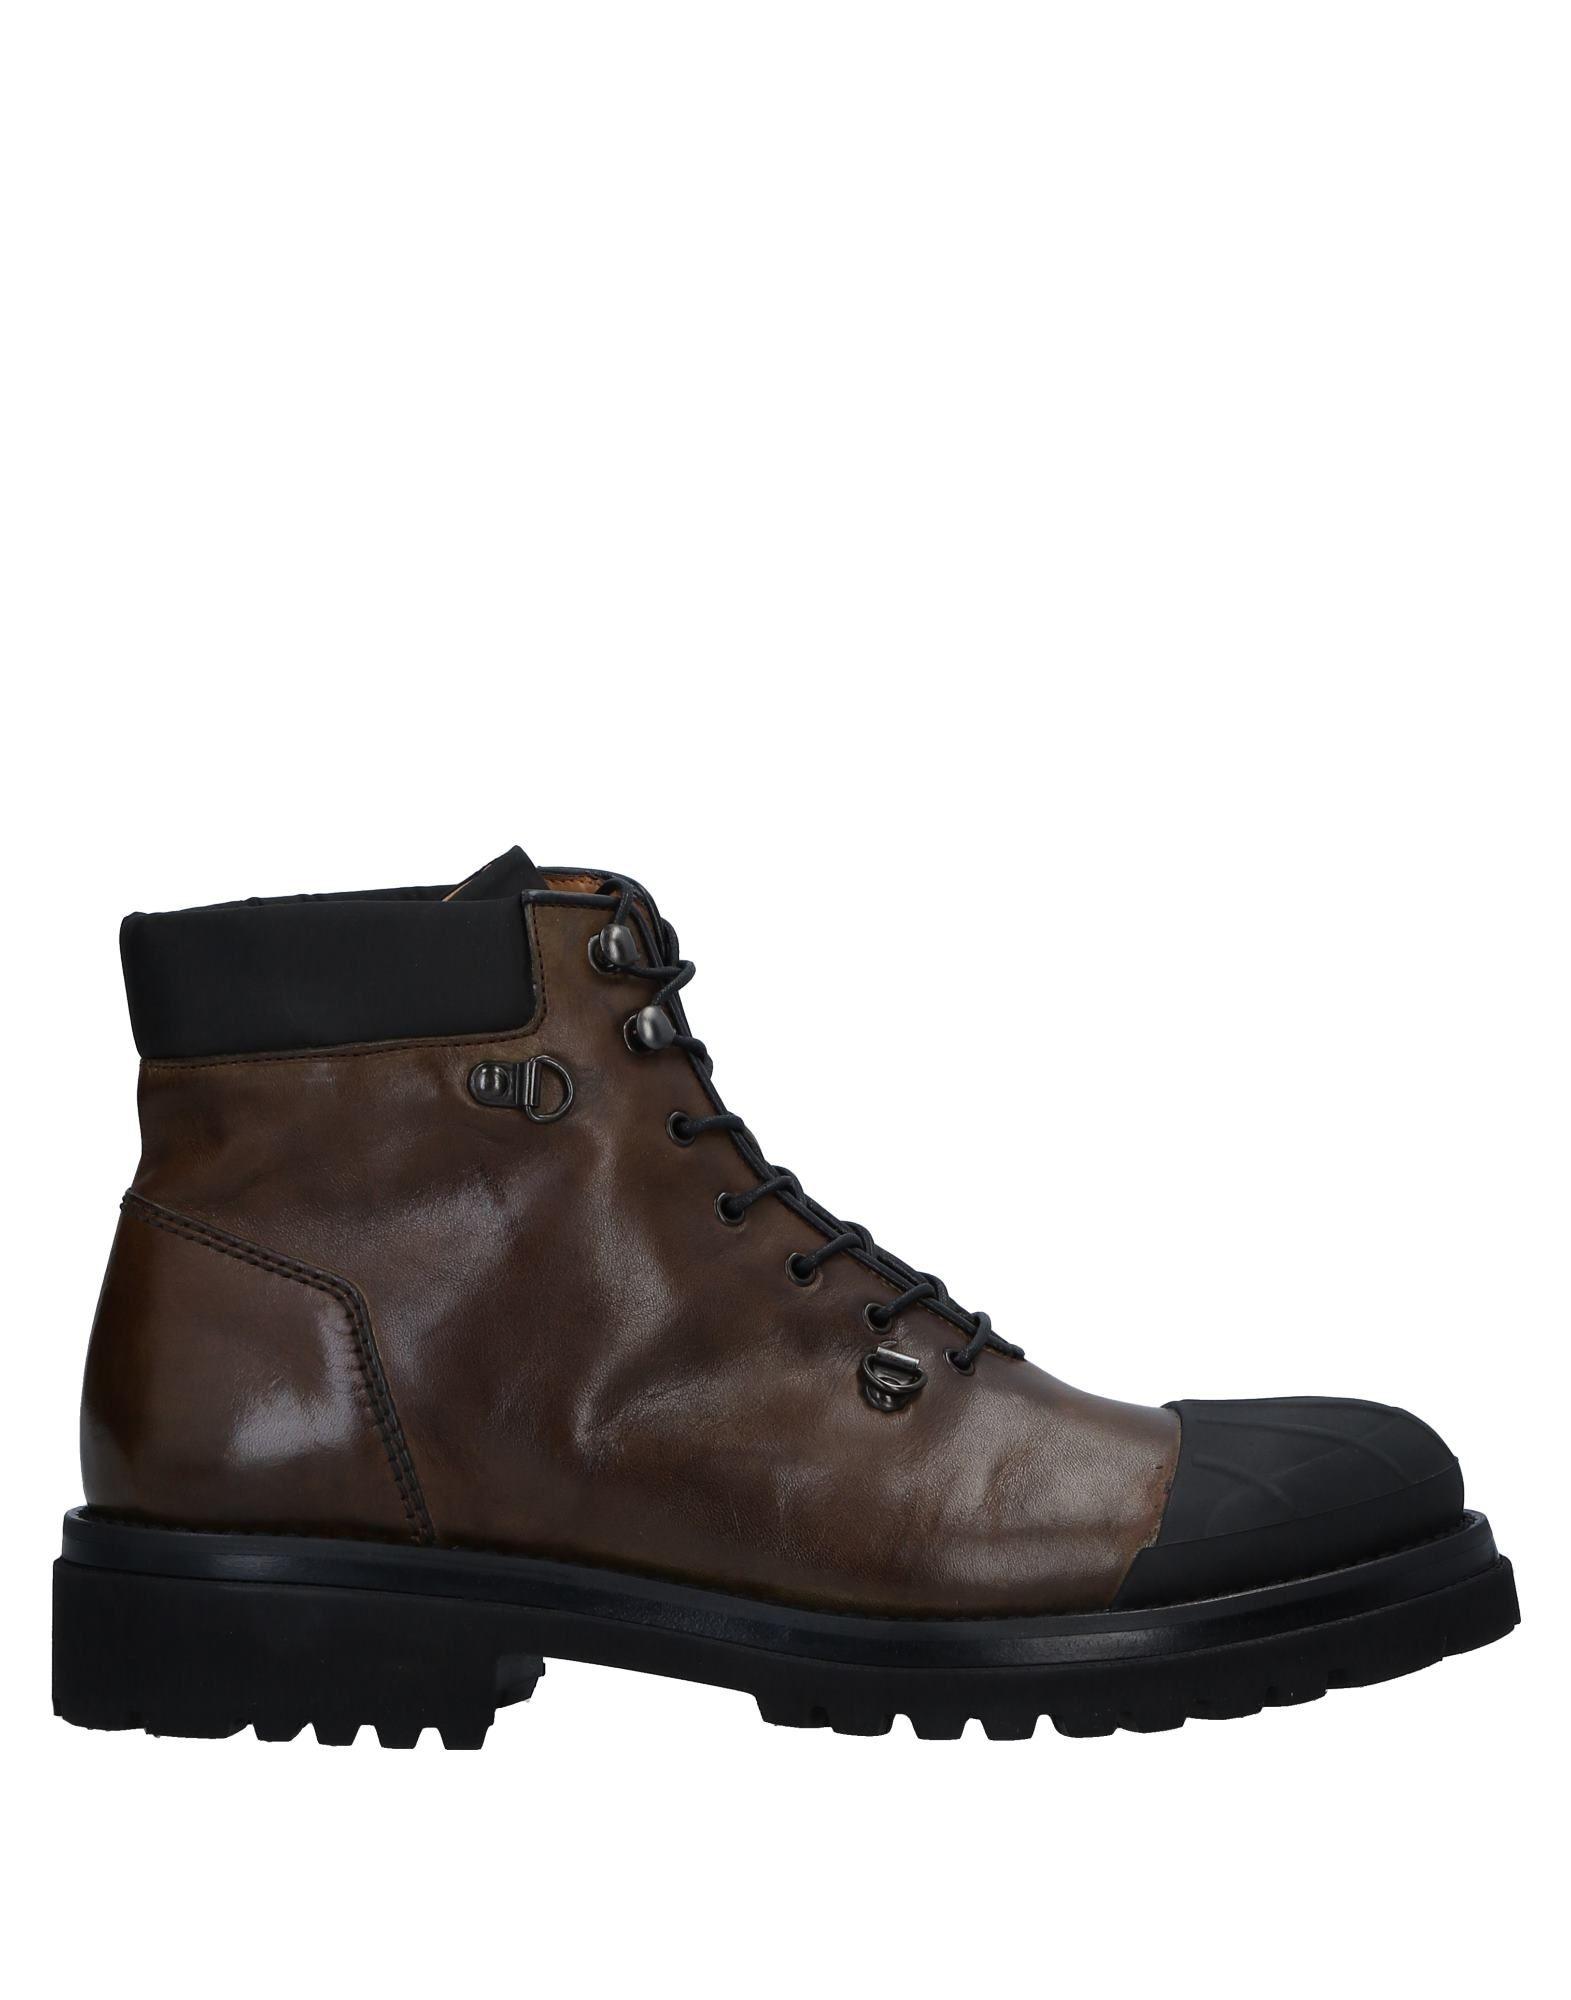 Barracuda Stiefelette Herren  11532061DI Schuhe Gute Qualität beliebte Schuhe 11532061DI 95b649